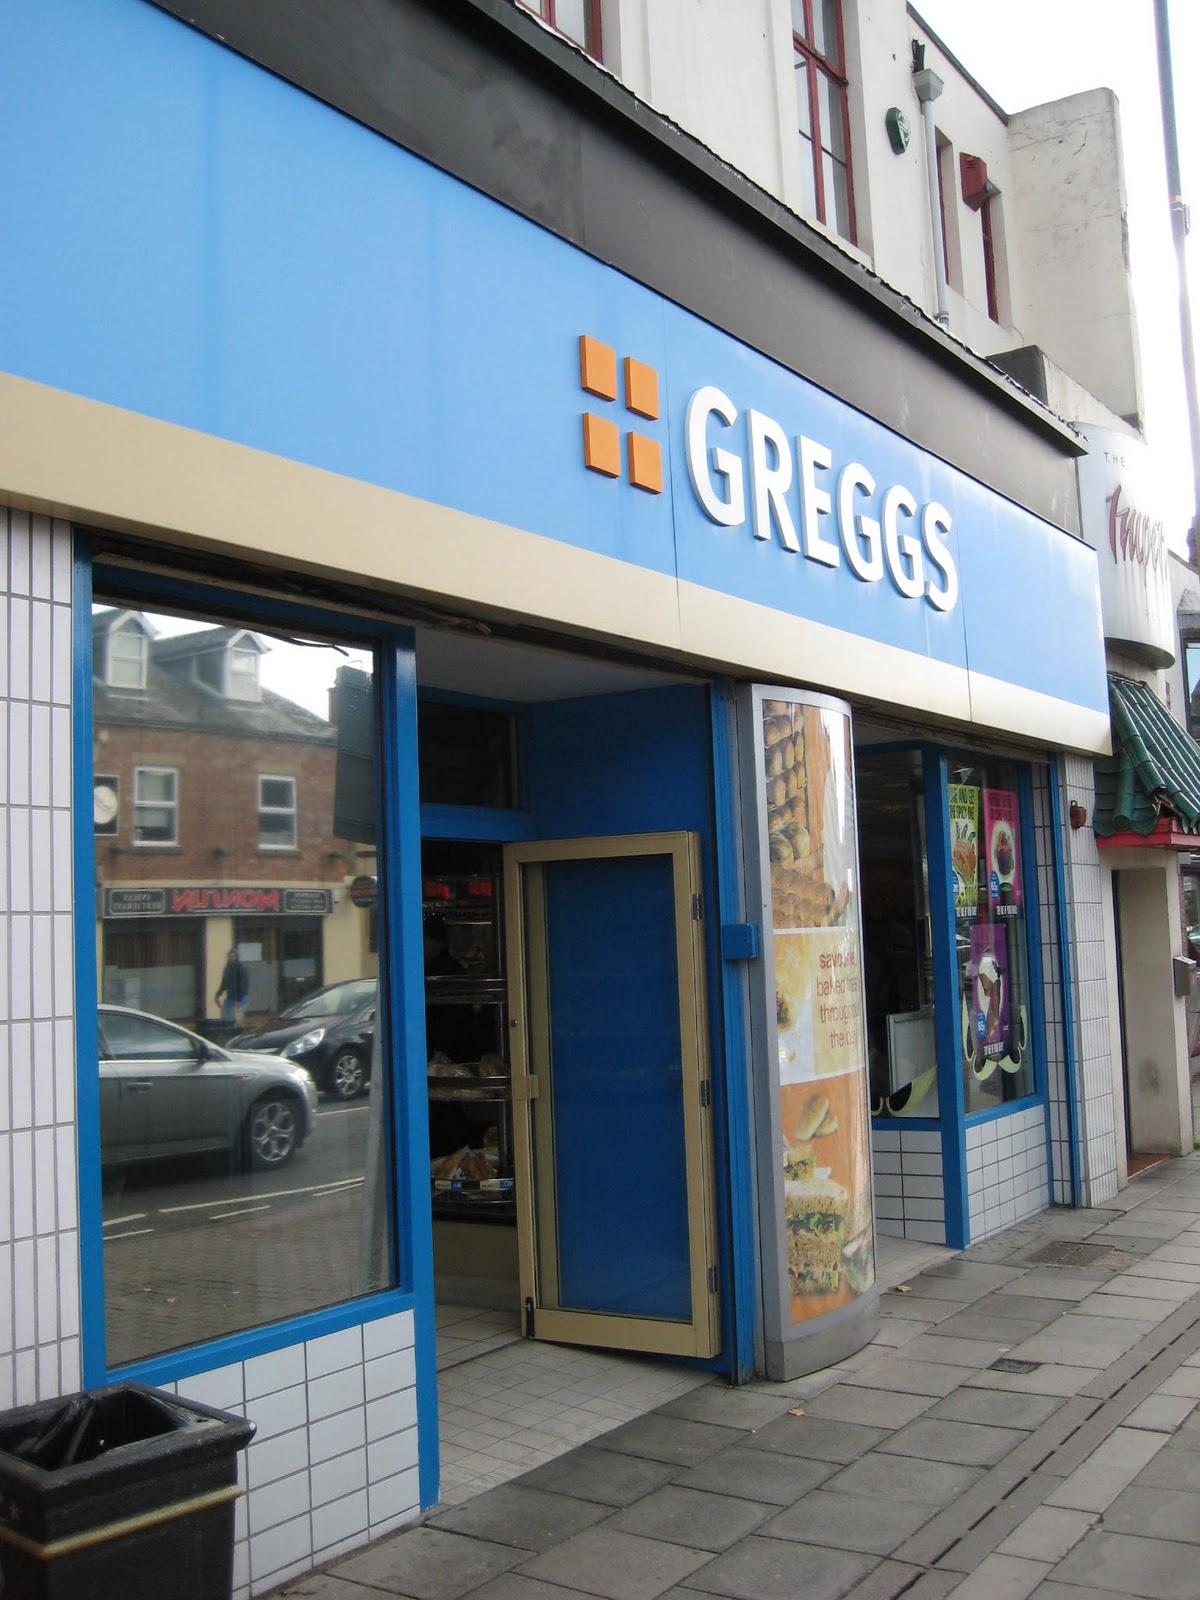 GourmetGorro: Guilty Pleasures No6 - Greggs the Bakery